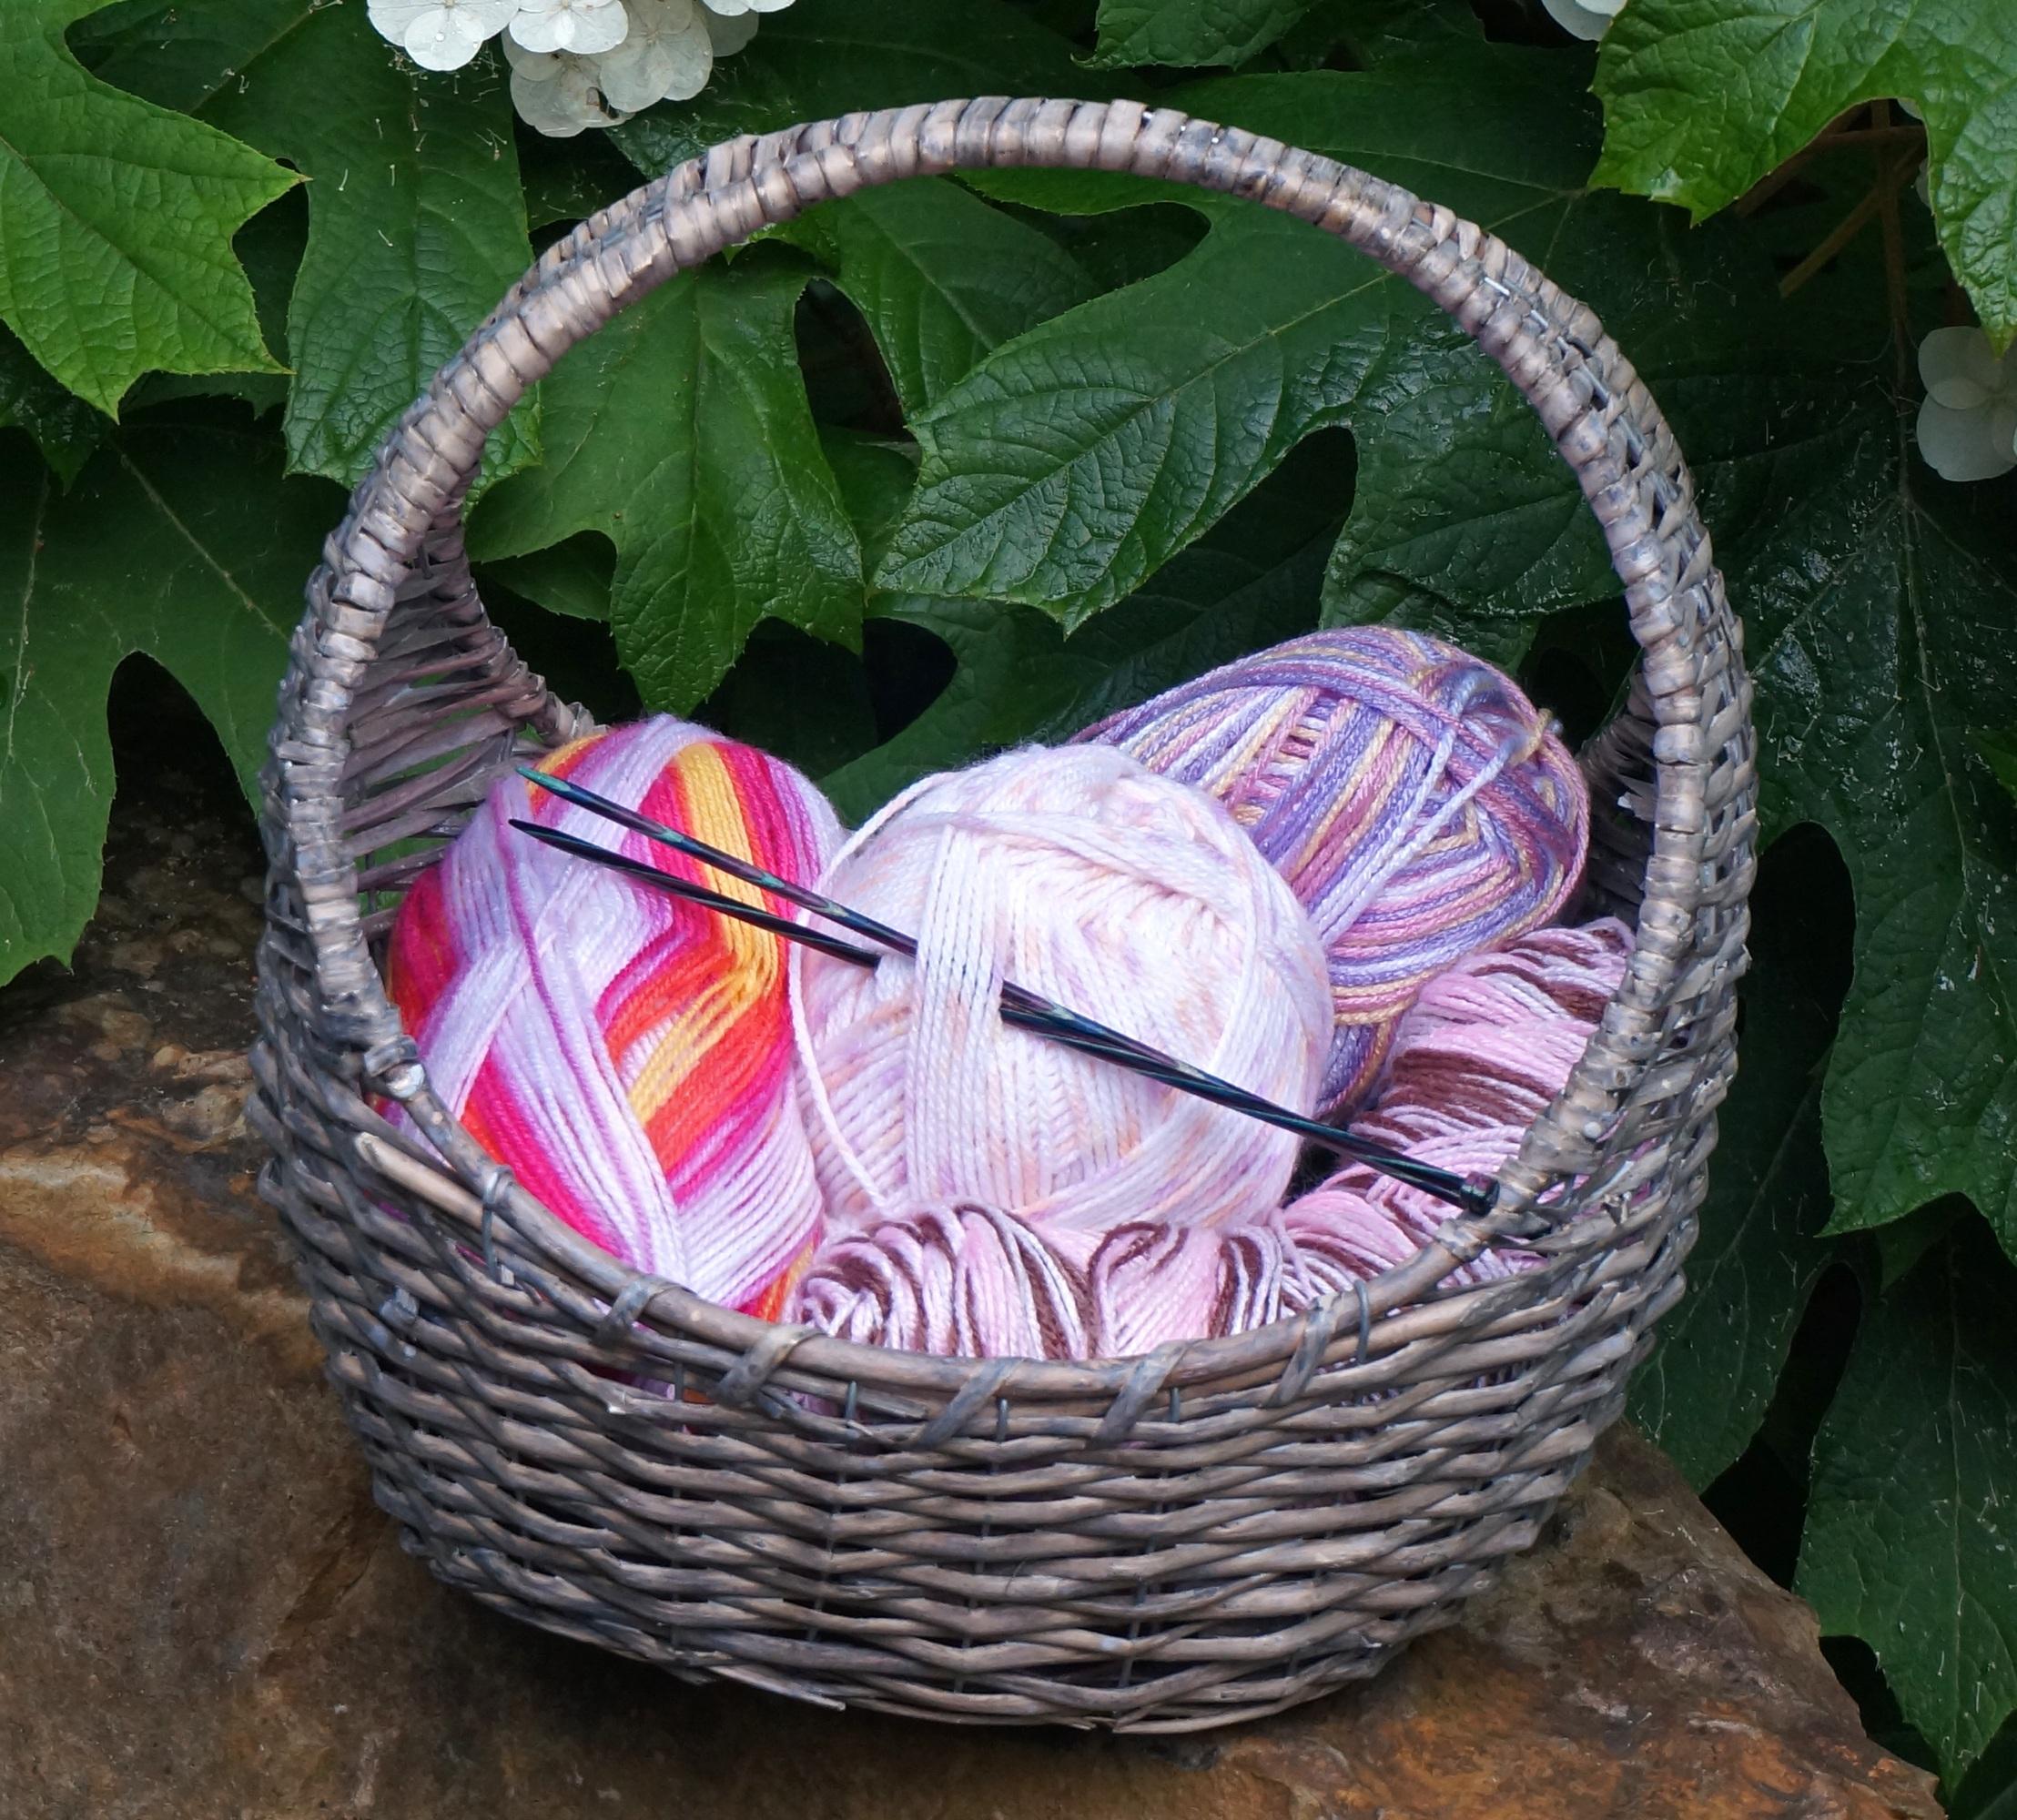 Fotos gratis : flor, comida, Produce, arte, vistoso, jardín, cesta ...